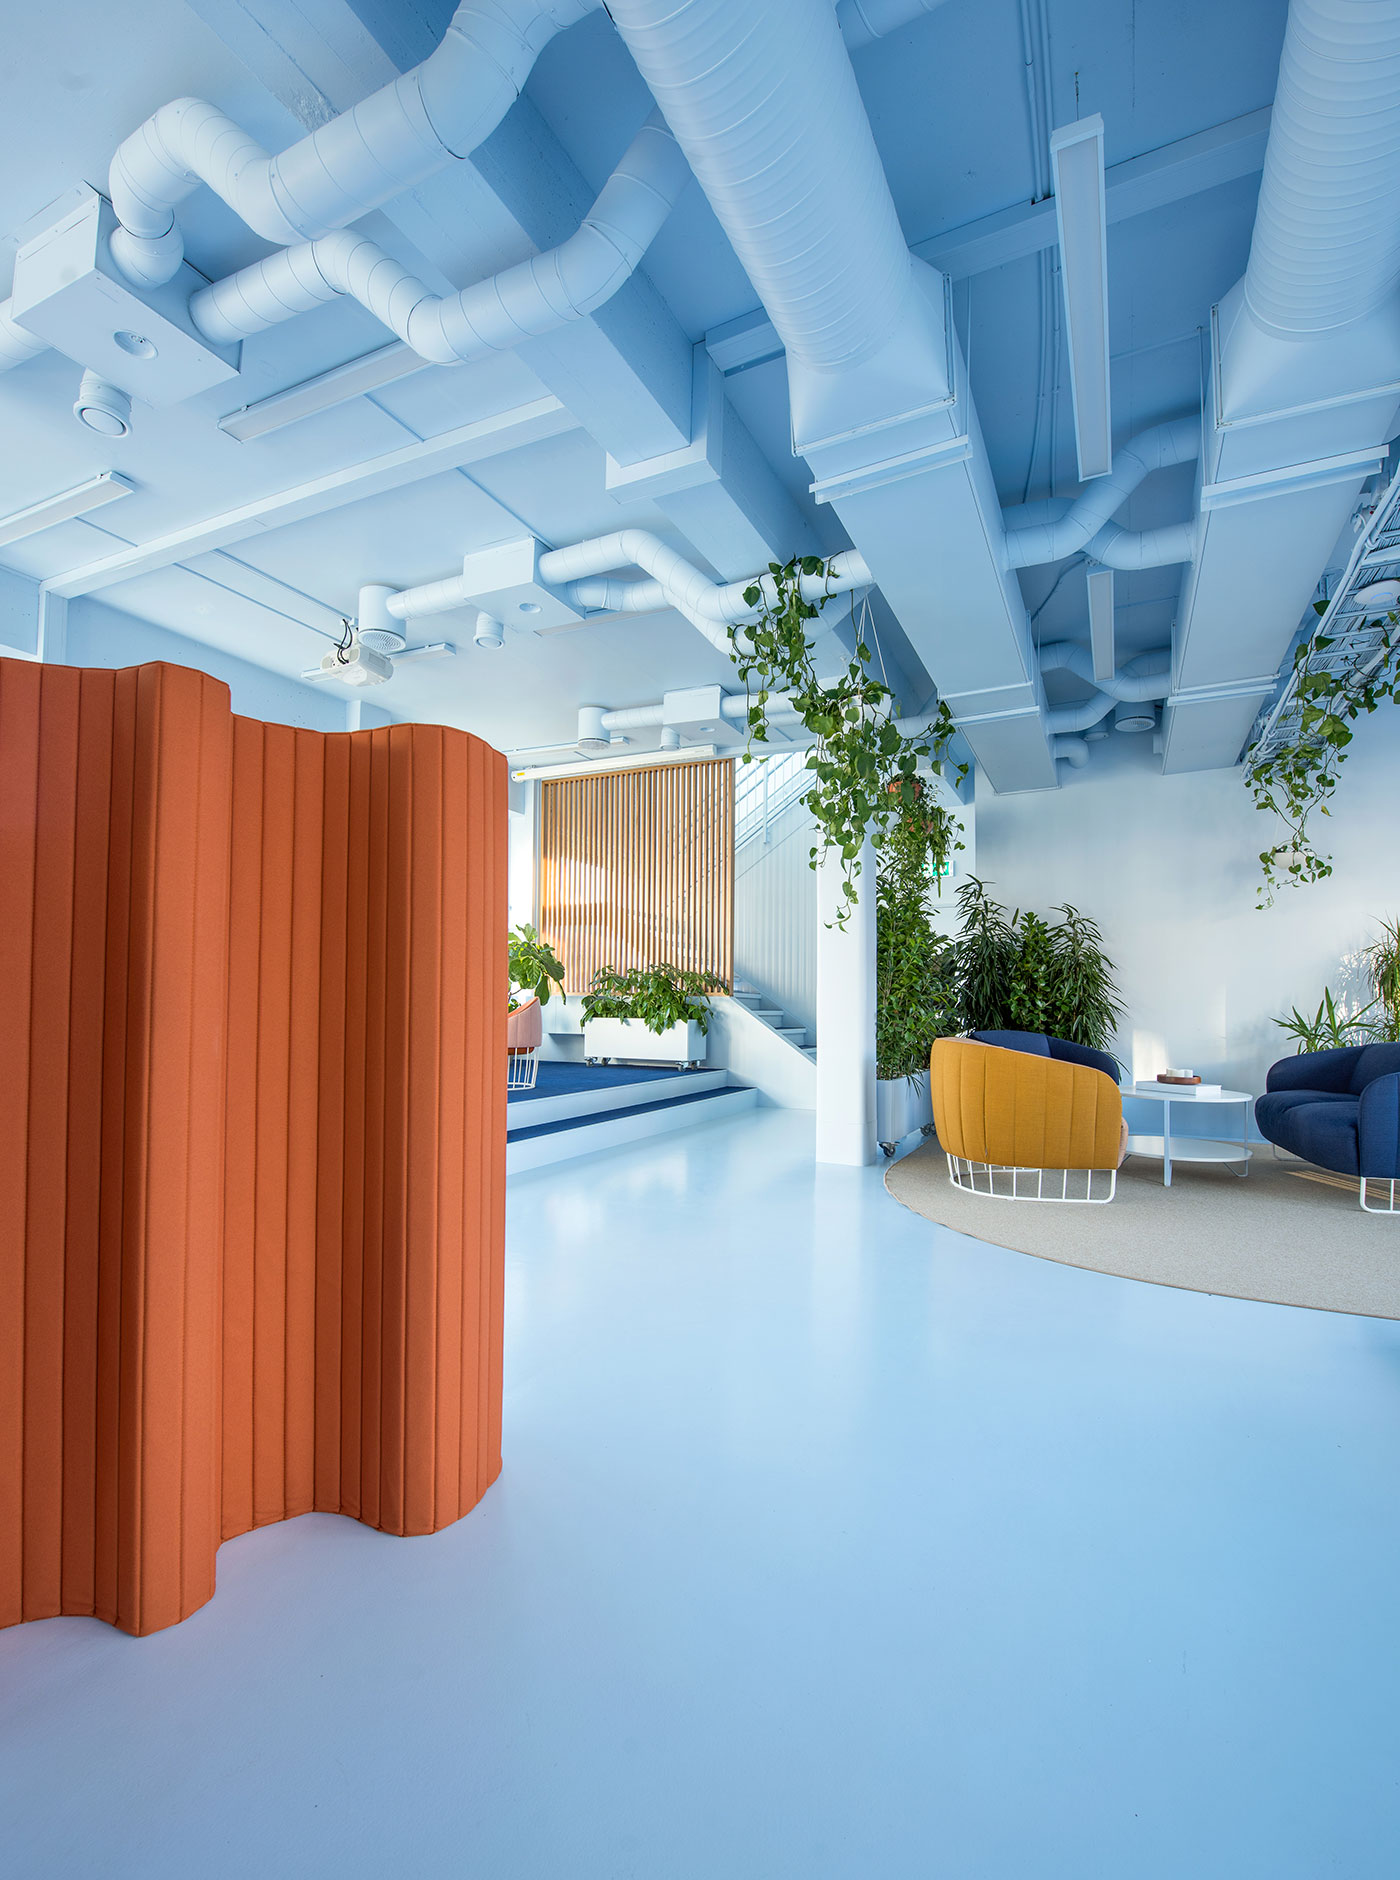 sancal-obras-bakken-baeck-offices-oslo-2